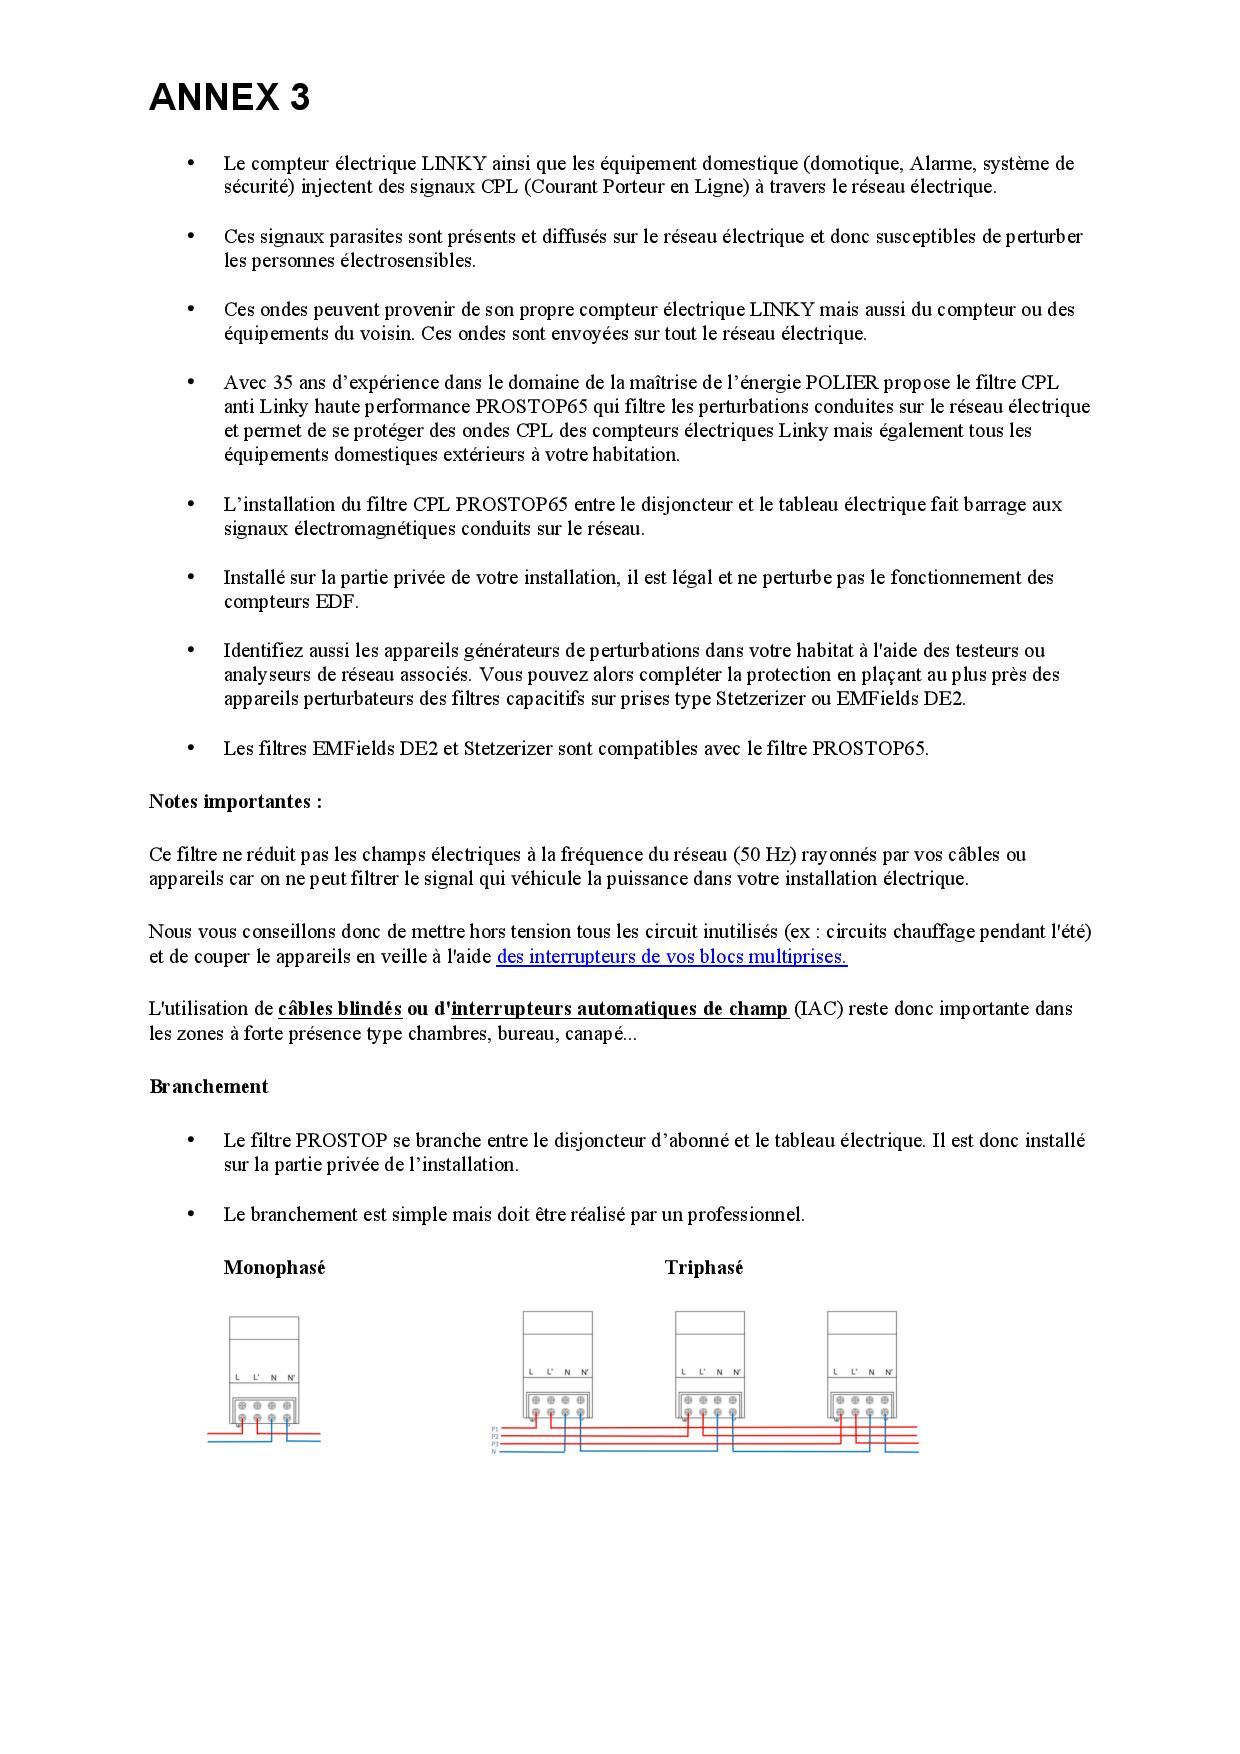 Annex 3 Filtre Polier-page-002.jpg